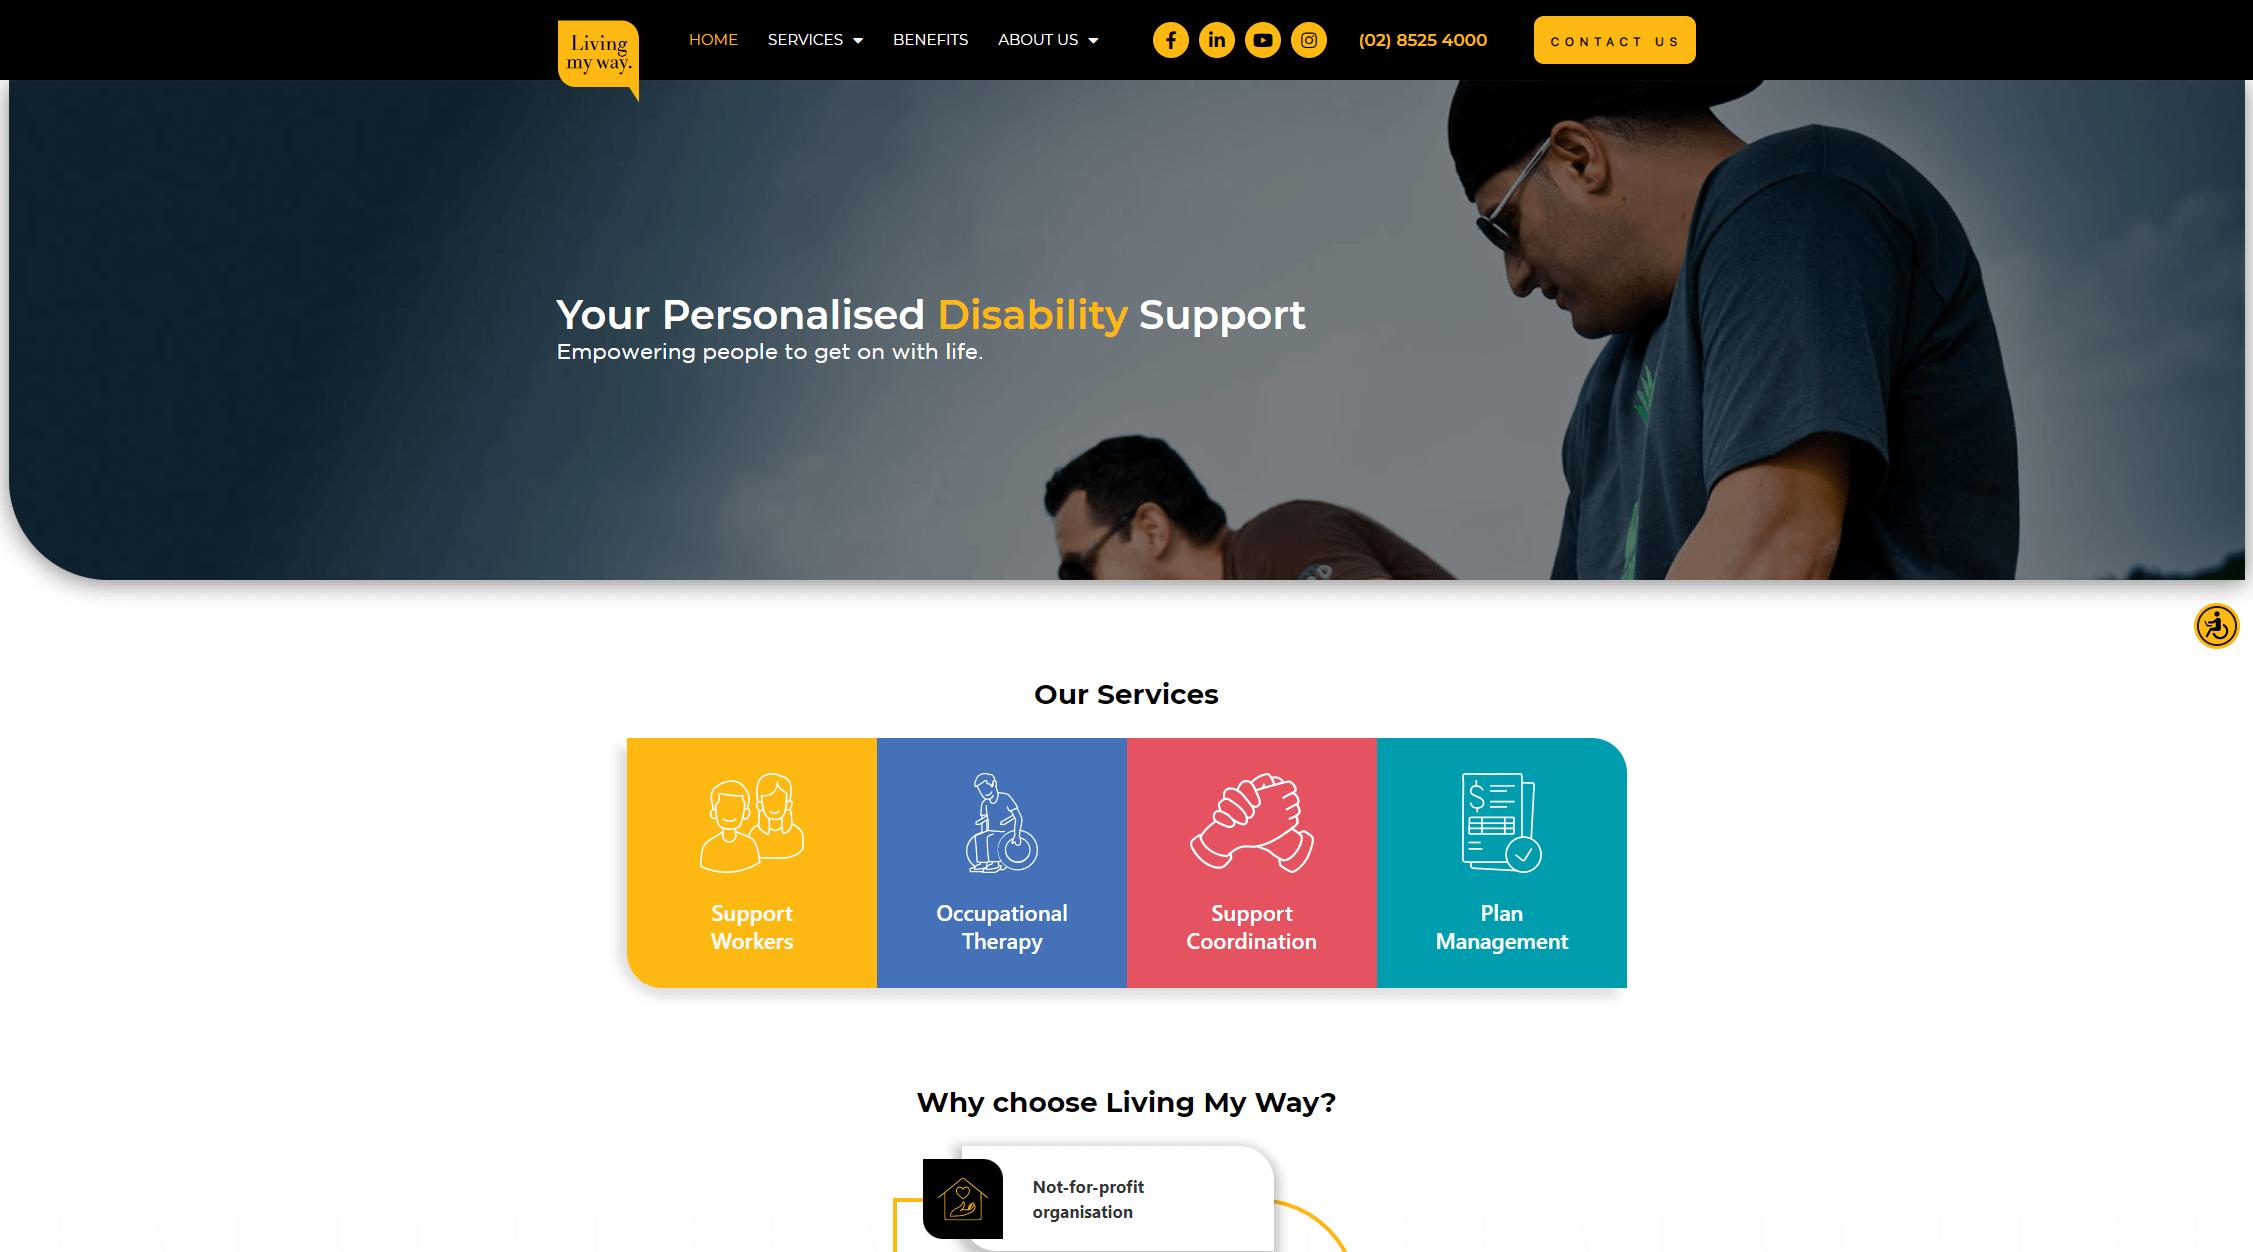 livingmyway.org.au